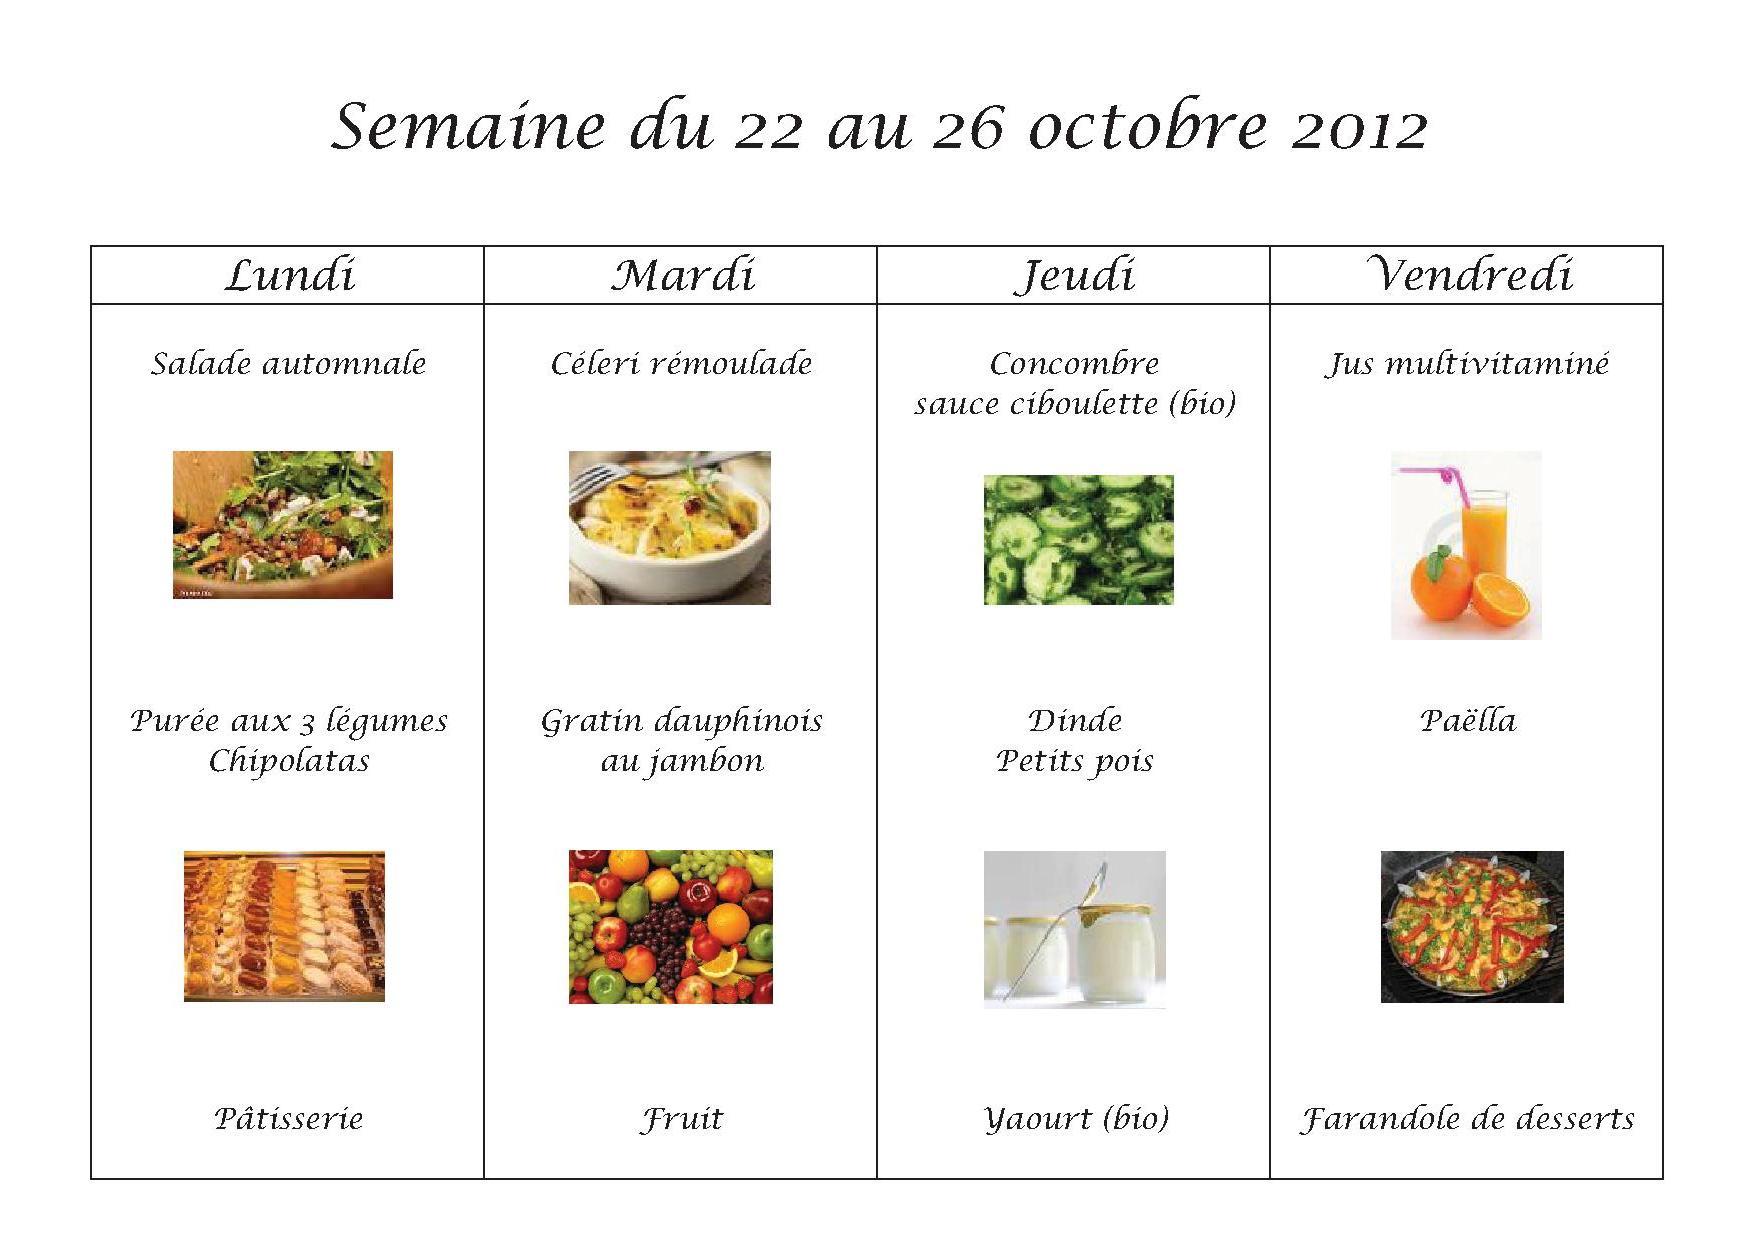 menus-22au26-10.jpg